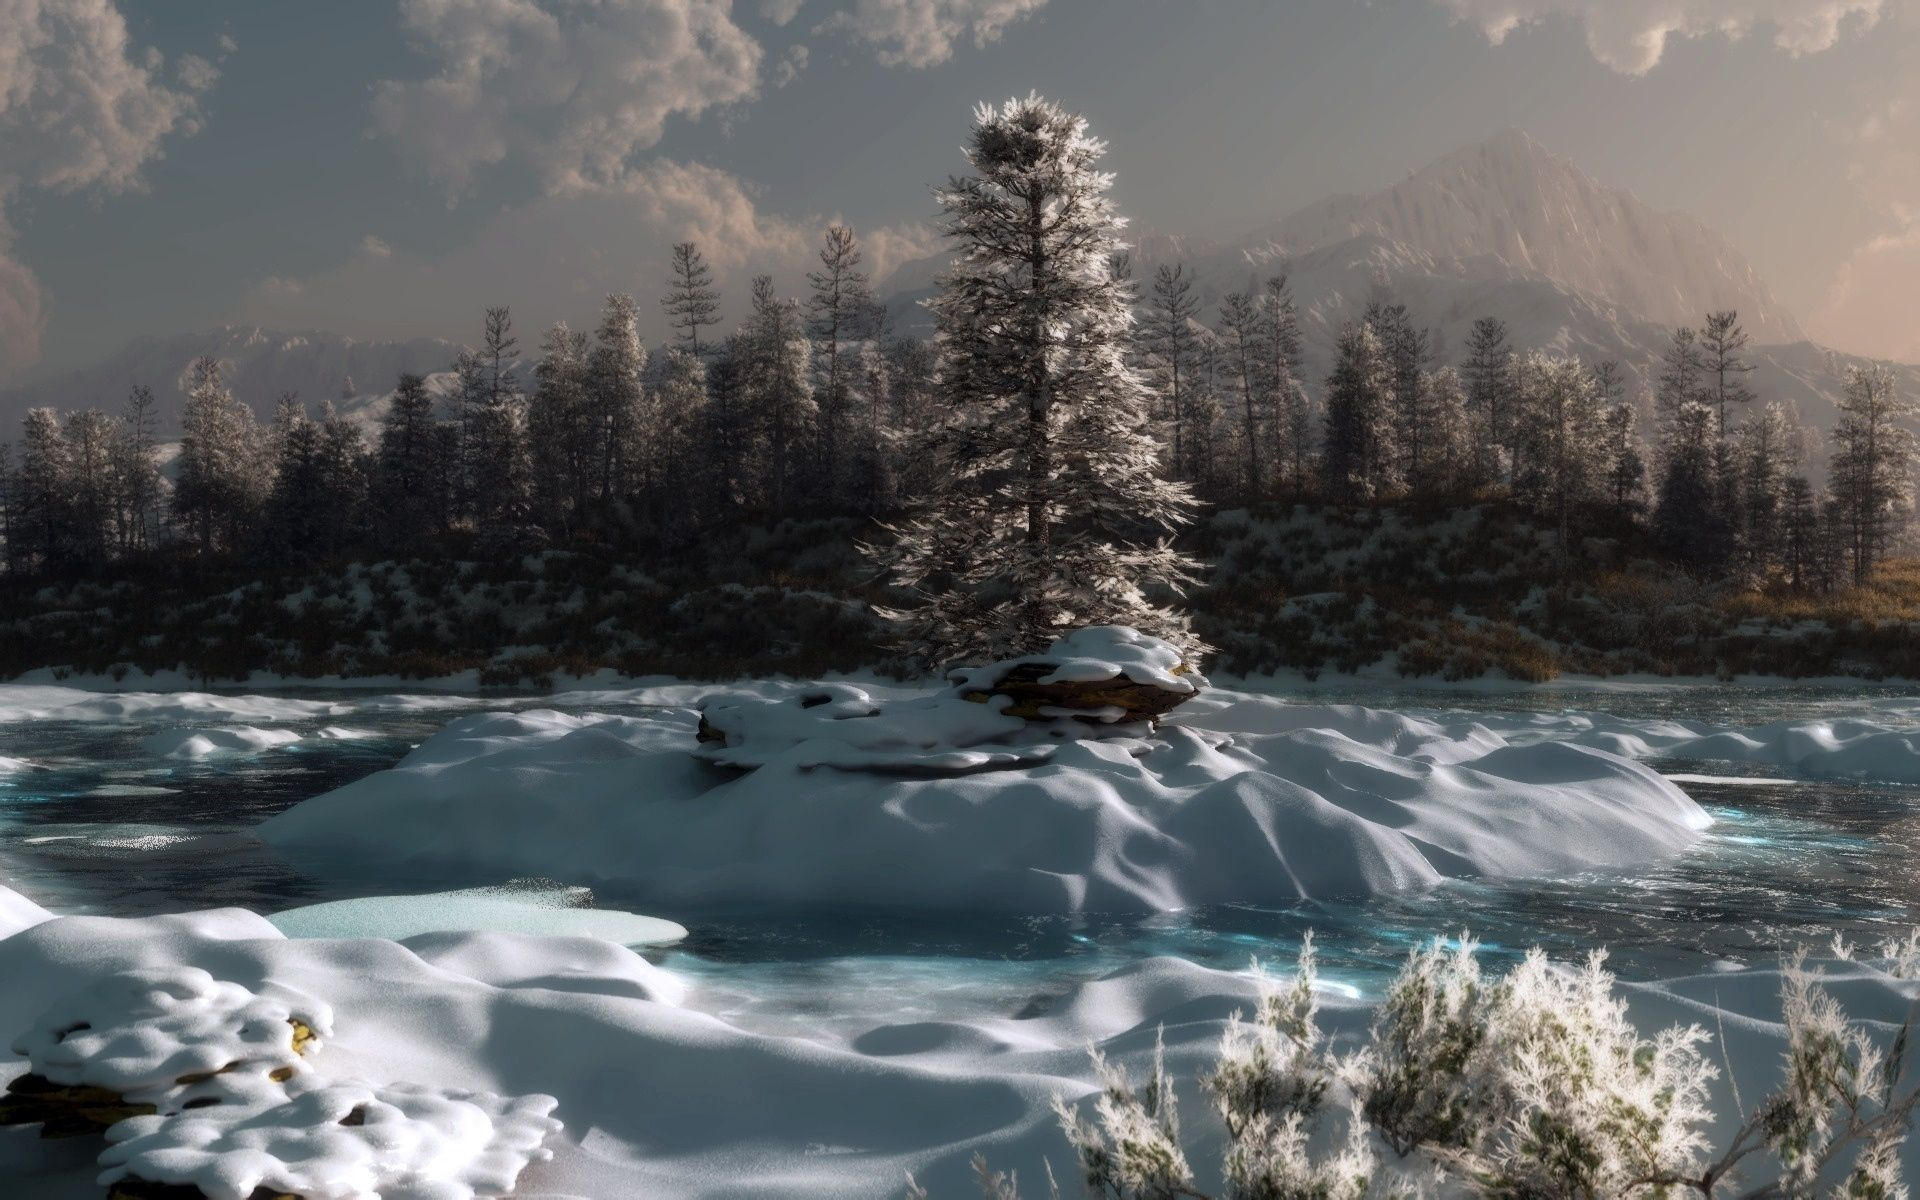 92389 papel de parede 480x800 em seu telefone gratuitamente, baixe imagens Inverno, Natureza, Rios, Pinho, Noite, Crepúsculo, Neve, Tarde, Pinheiro 480x800 em seu celular